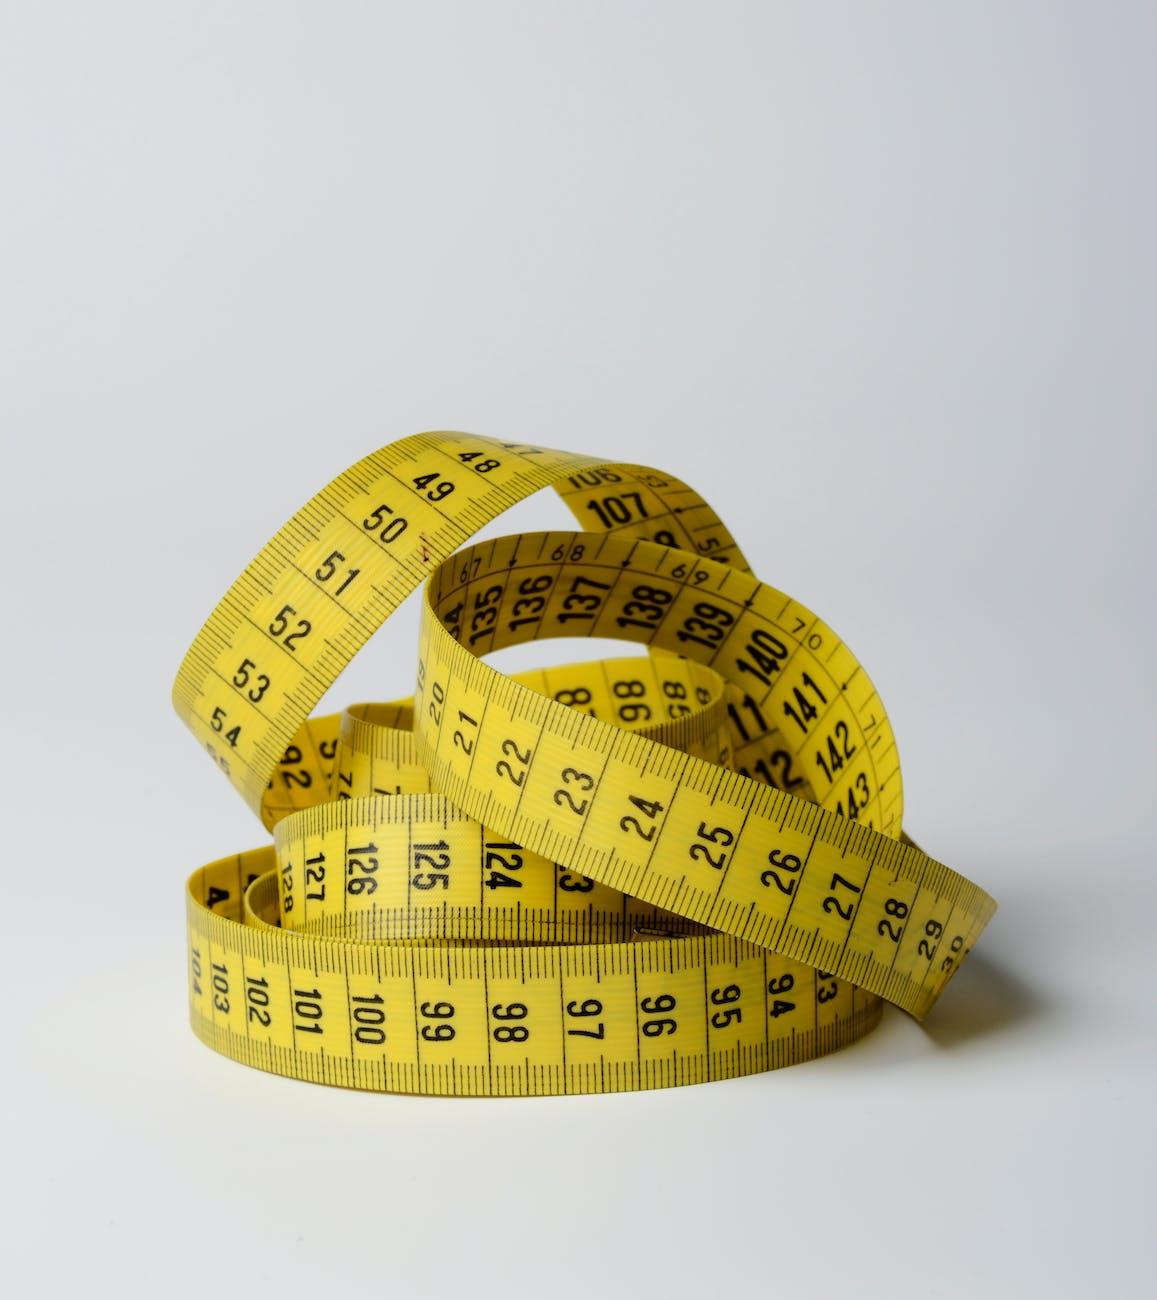 Gelbes Längenmaß aufgerollt